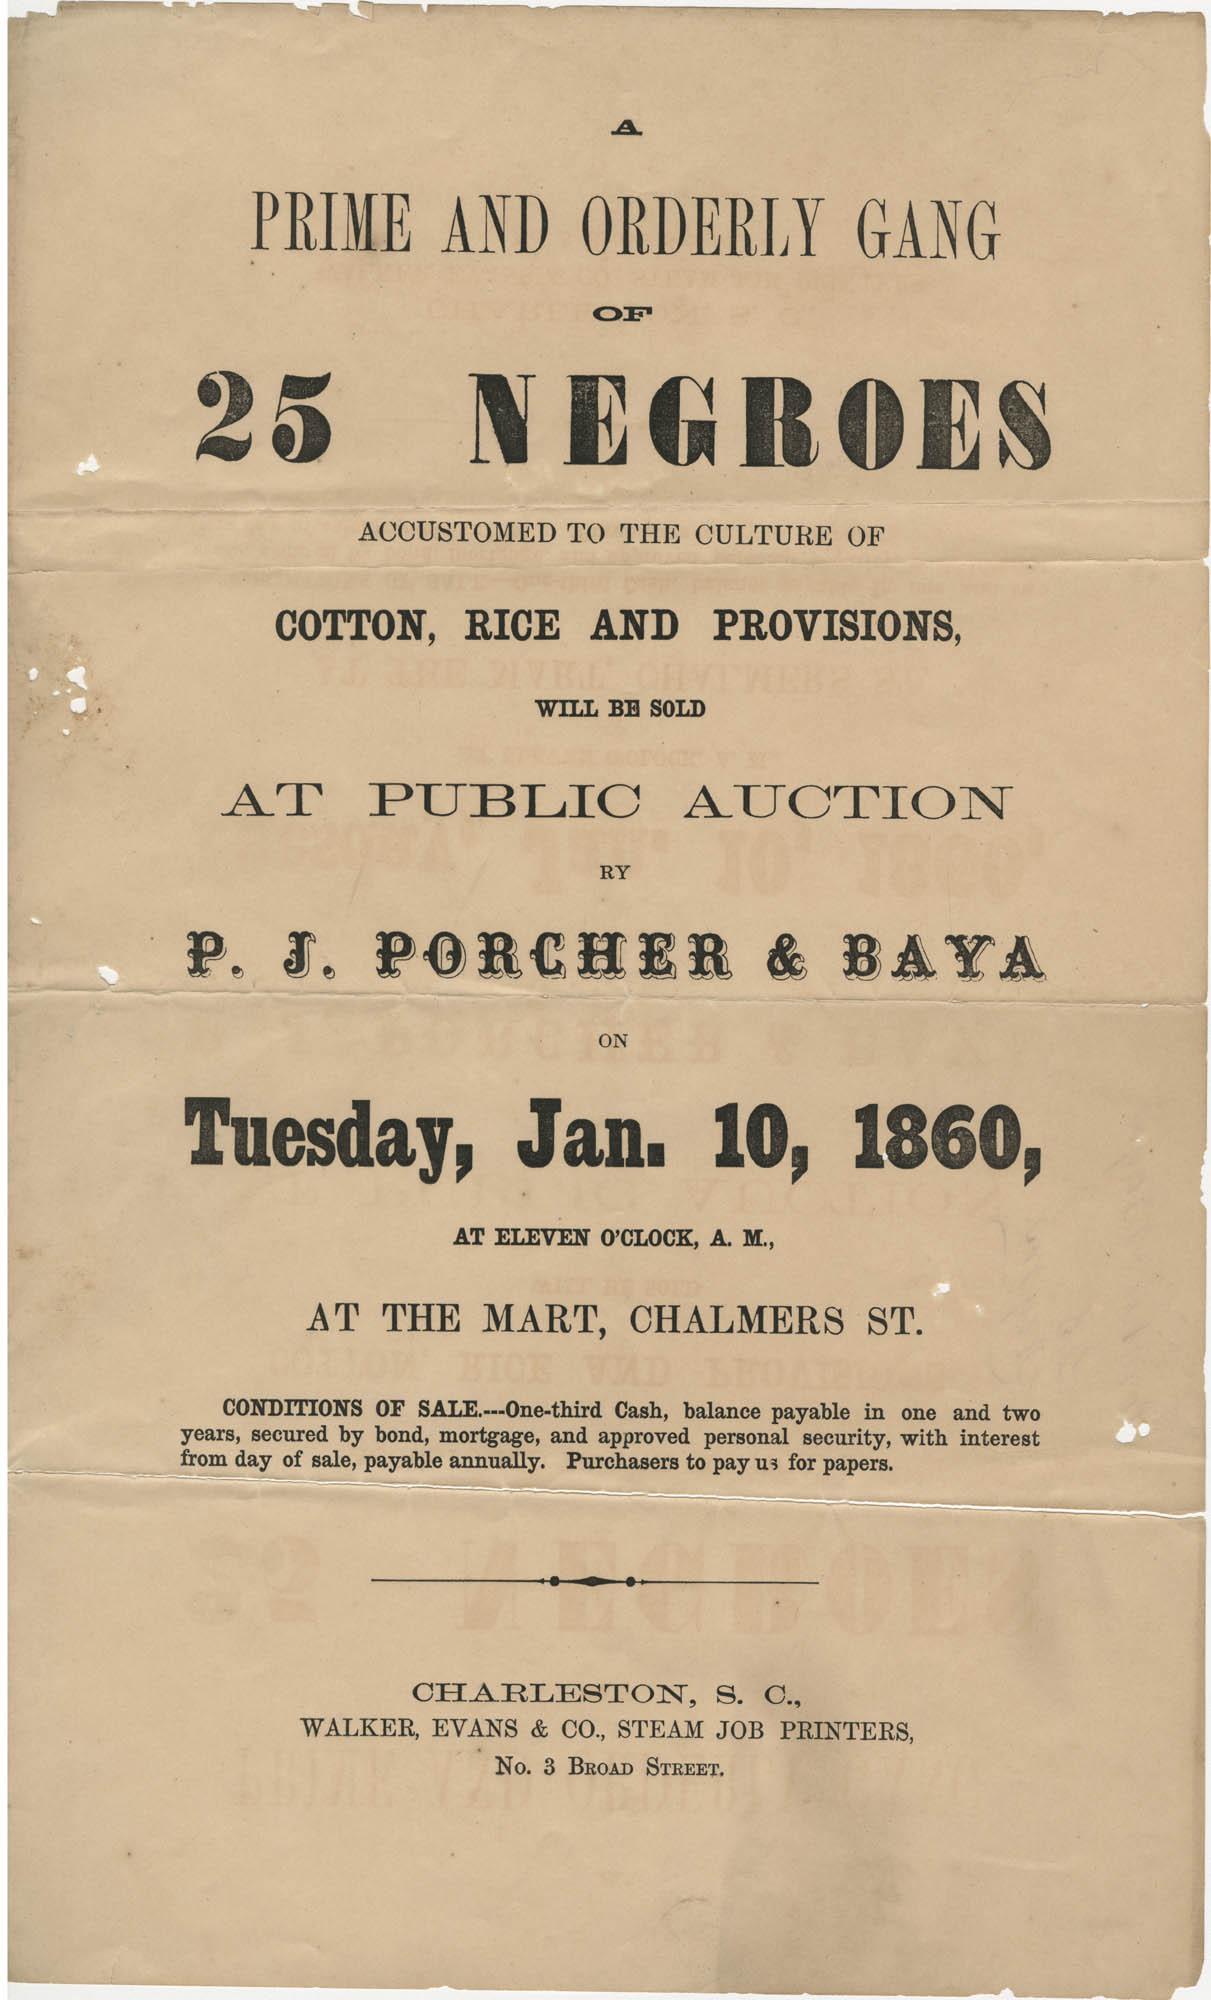 P.J. Porcher and Baya slave sale broadside